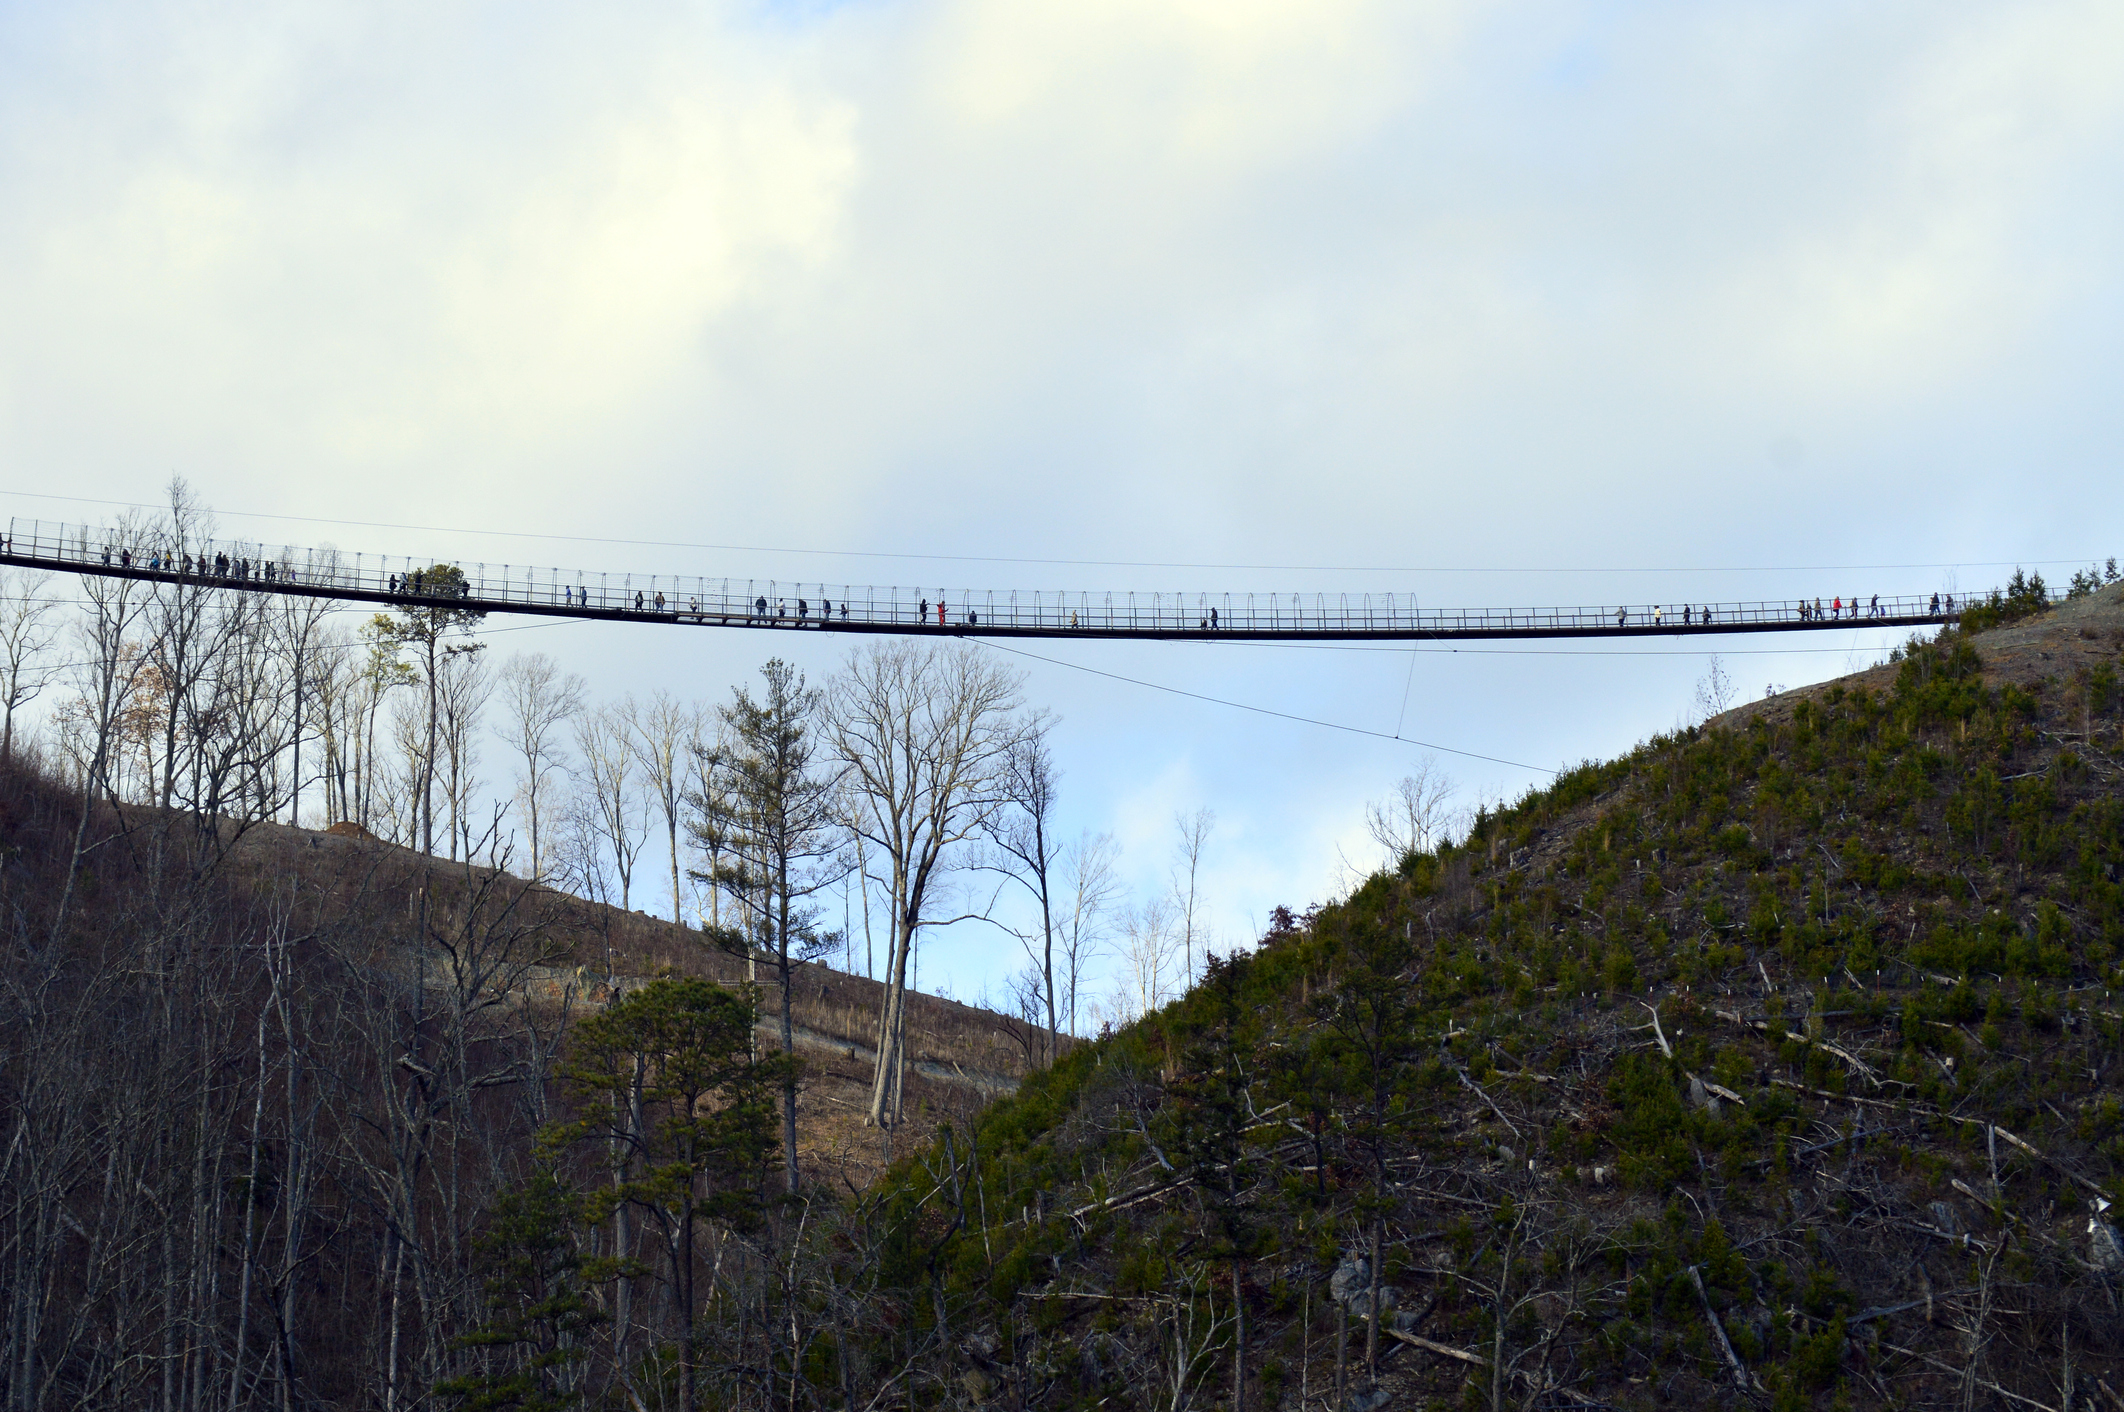 Gatlinburg pedestrian suspension bridge tourist attraction